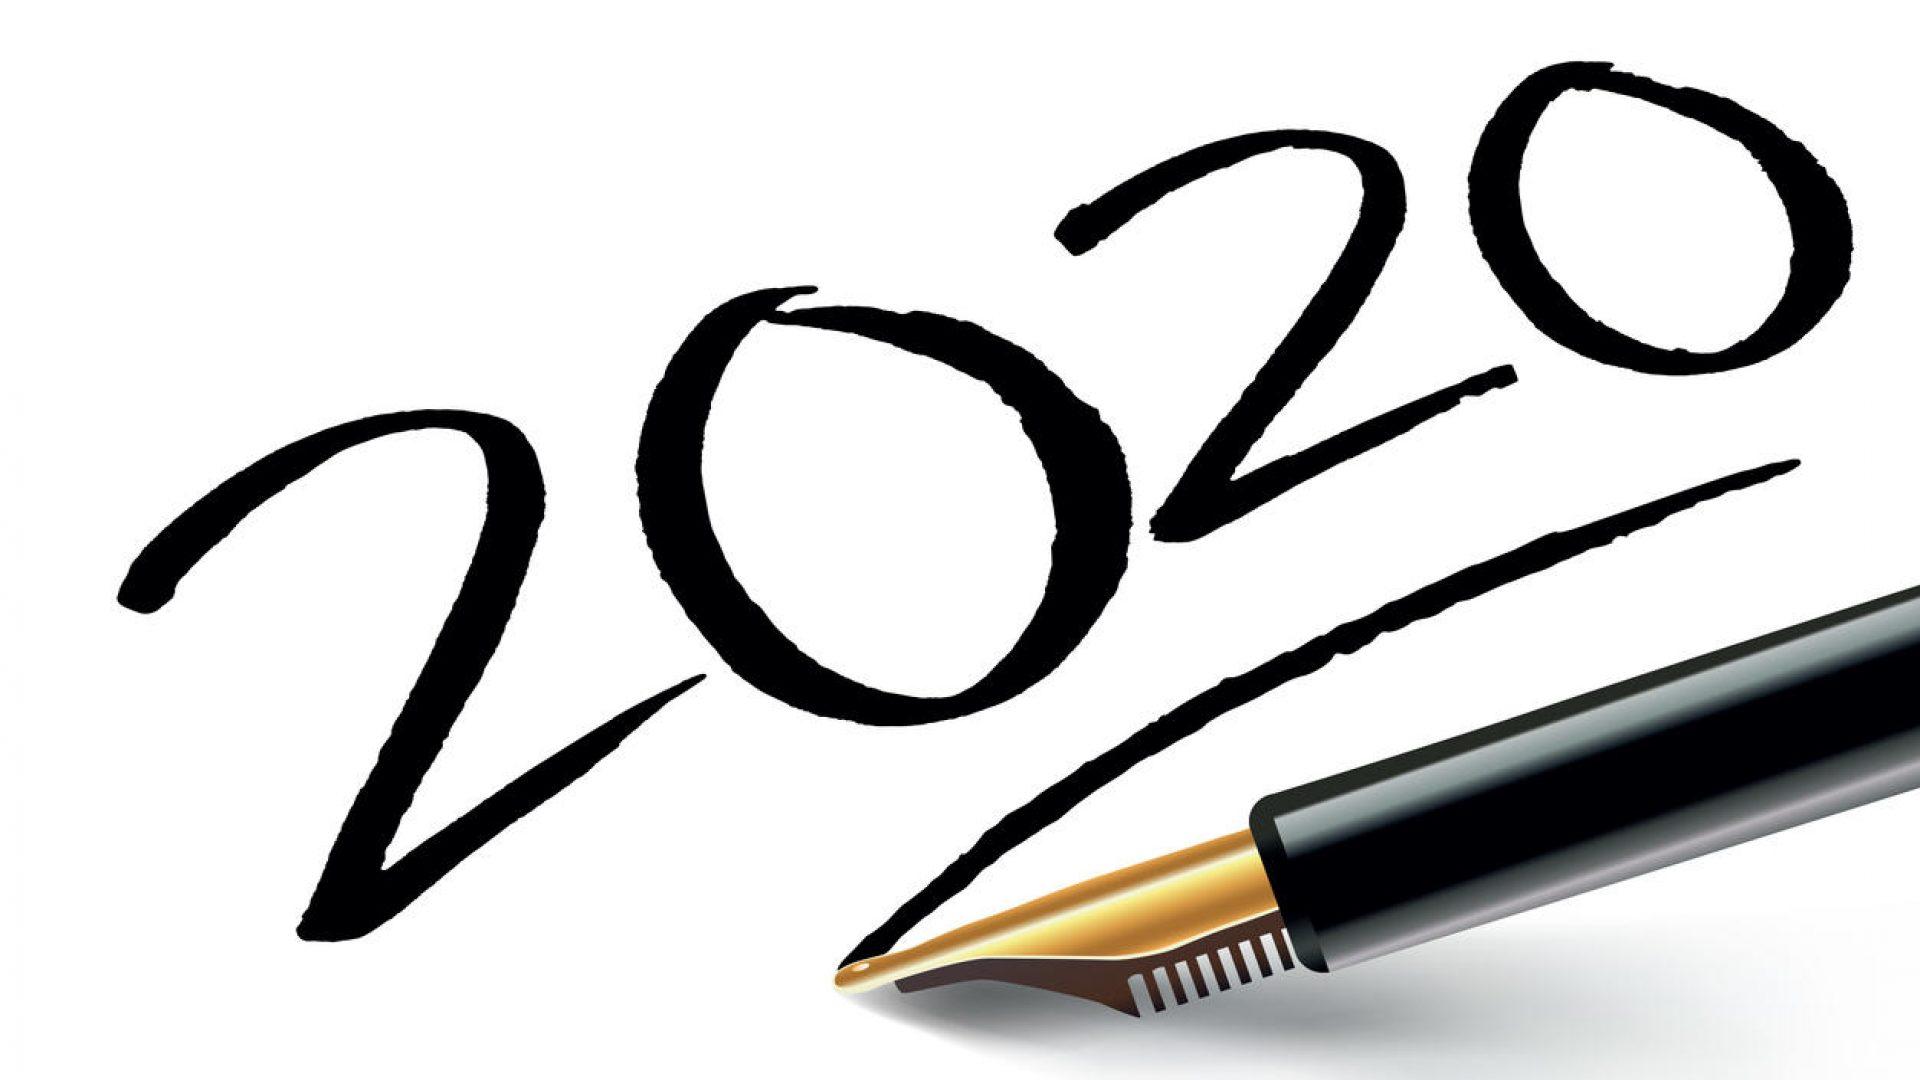 vœux 2020 inscrit sur un papier blanc à l'encre noir avec un stylo plume et souligné comme une signature